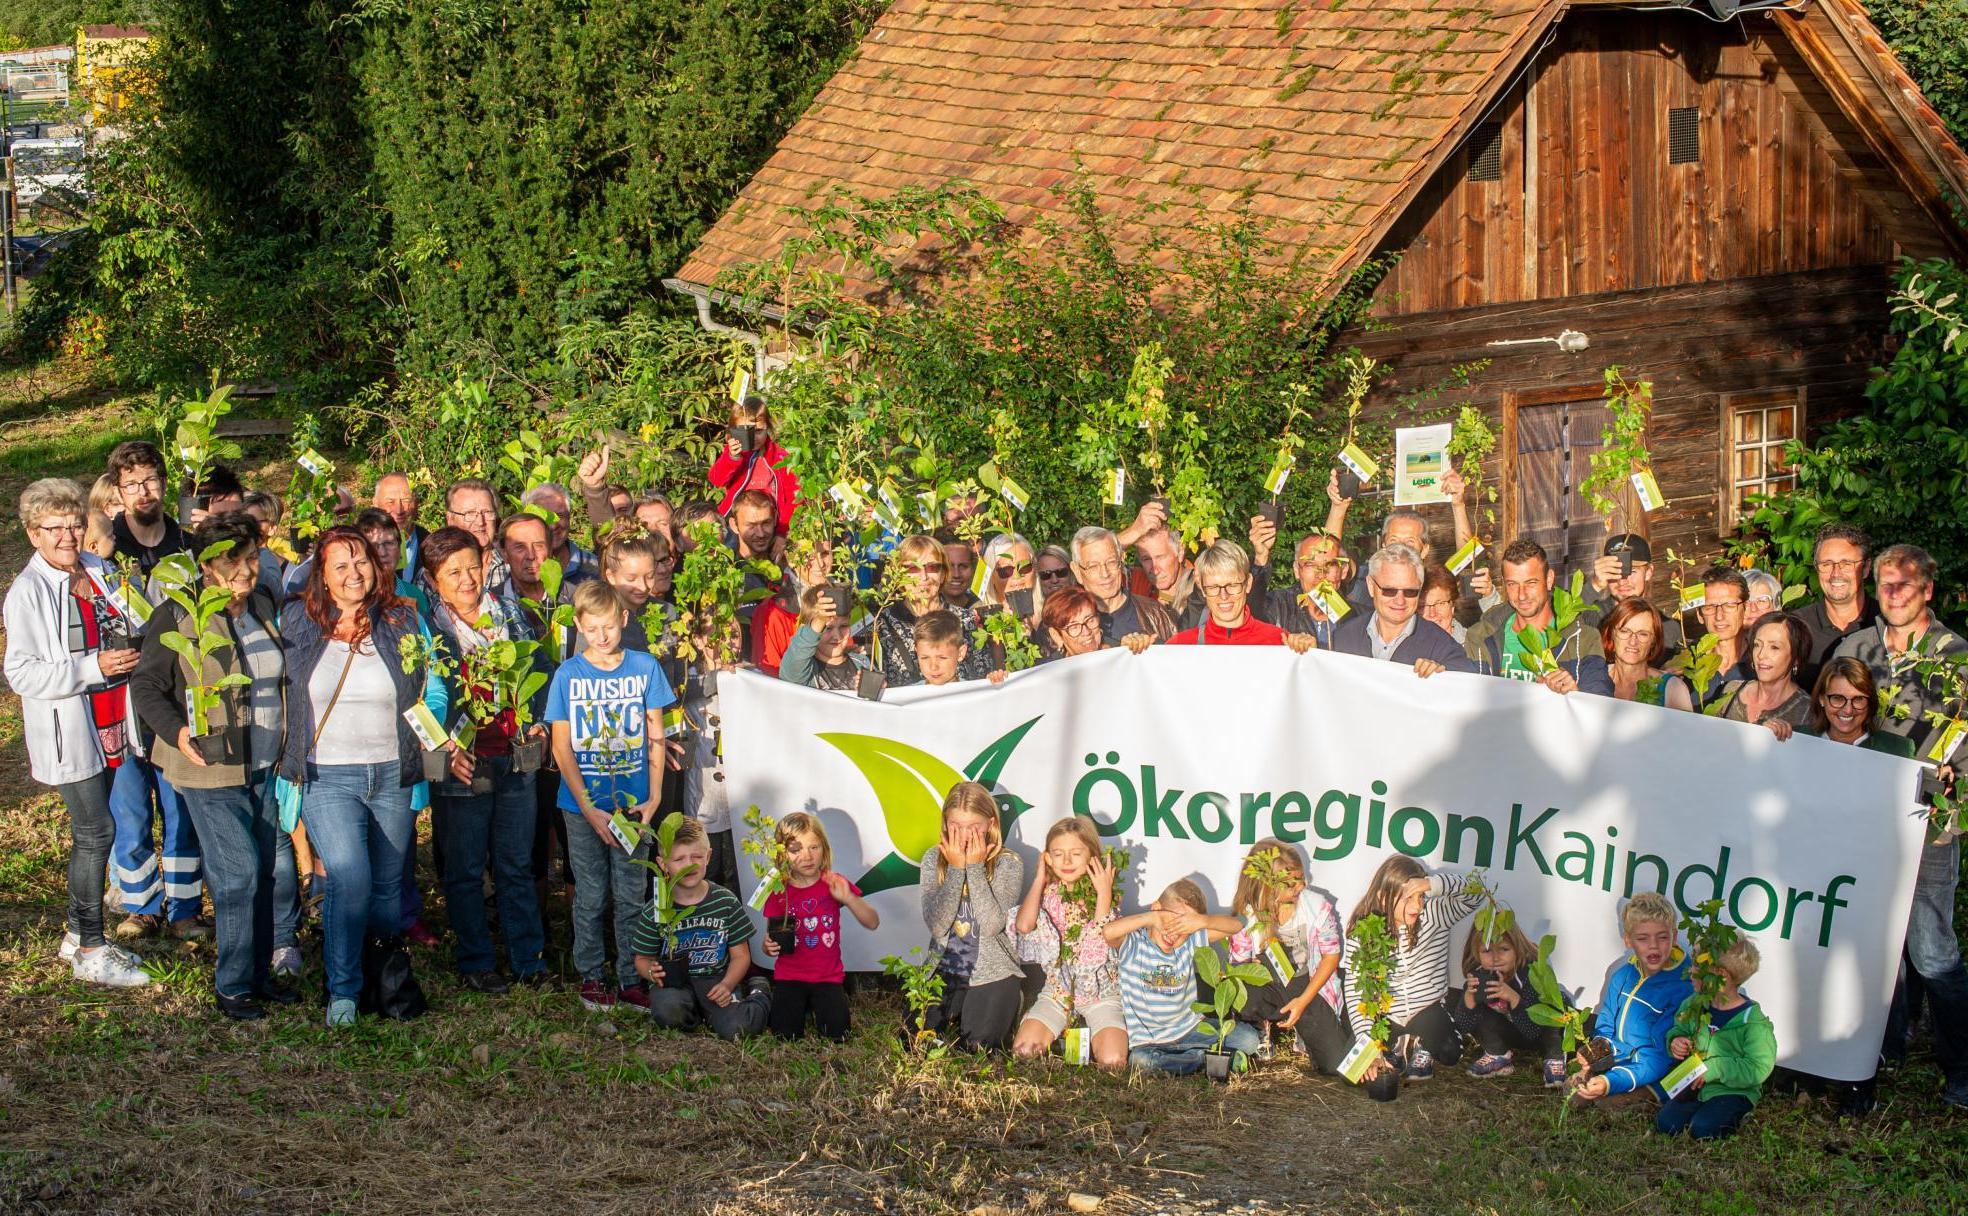 oekoregion_kaindorf--article-4701-0.jpeg